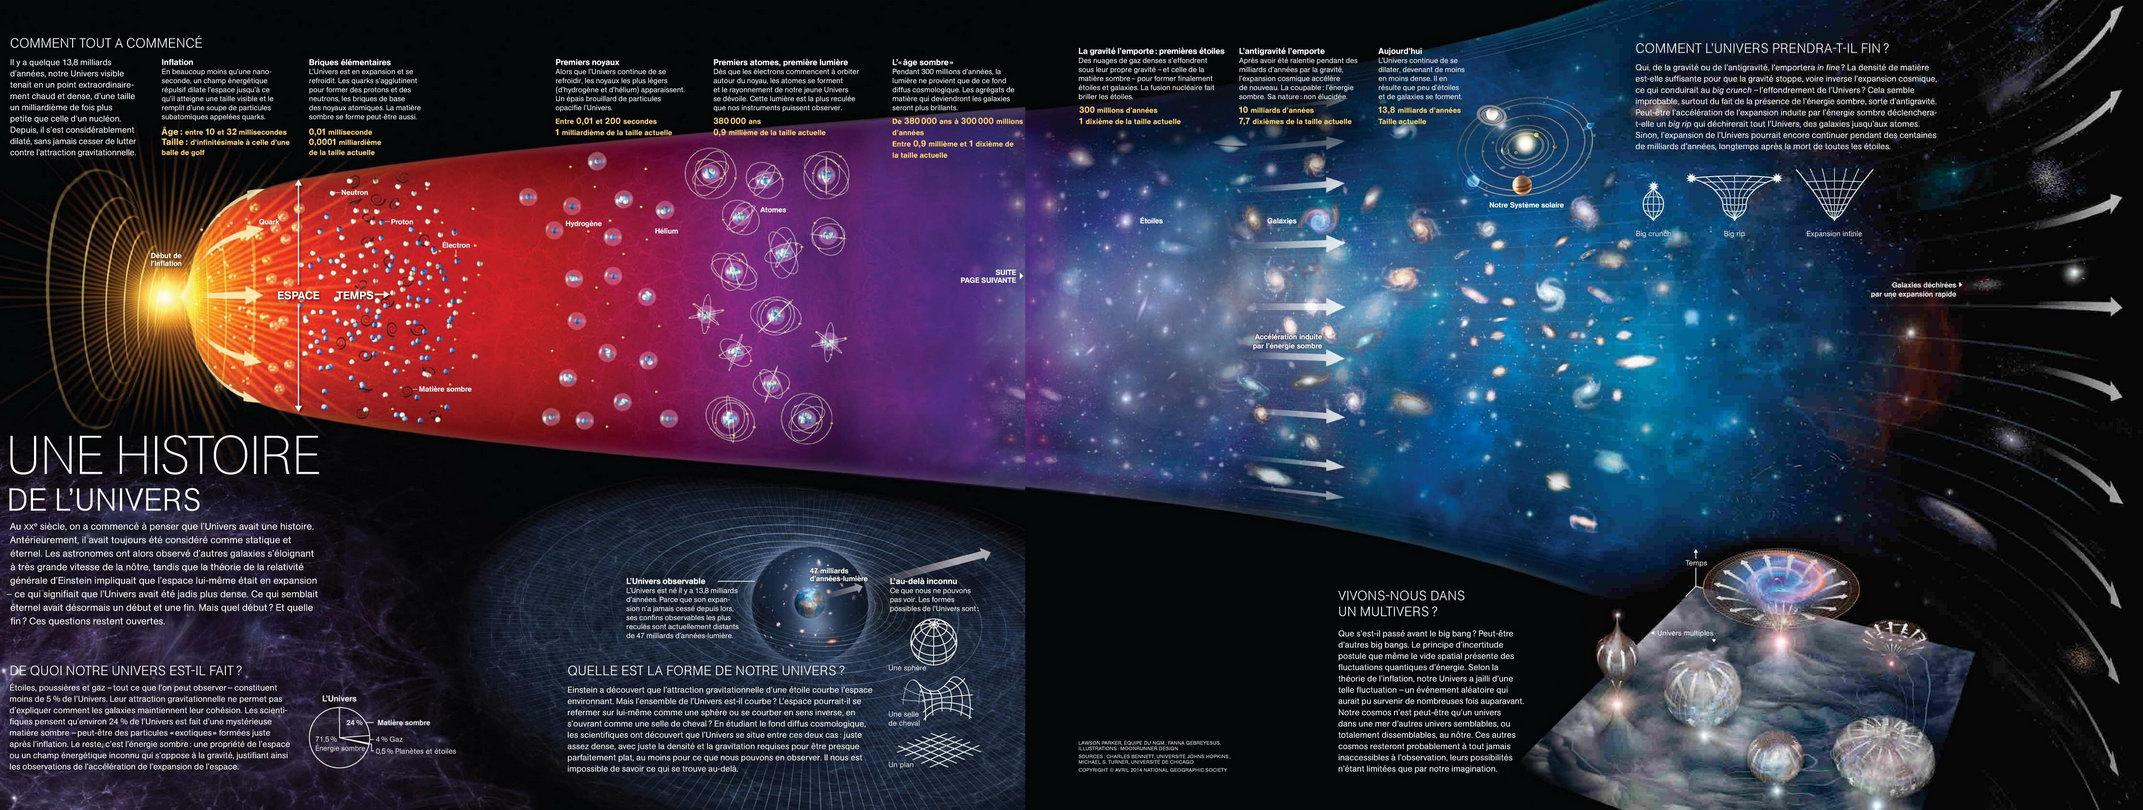 creation de l univers